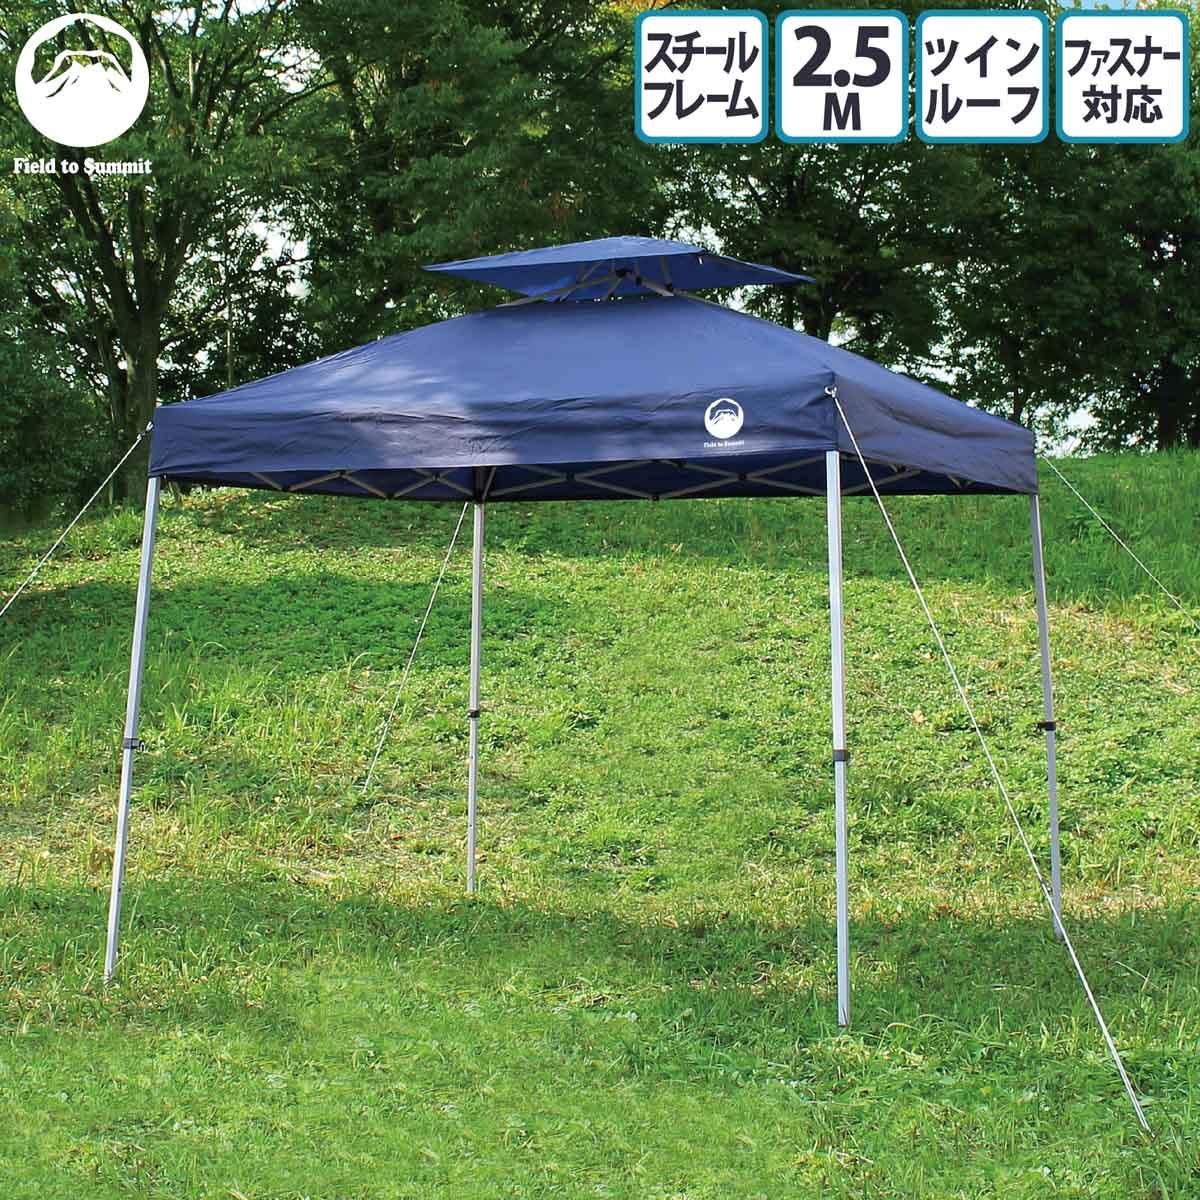 【送料無料】 Field to Summit ワンタッチテント250 ツインルーフ ワンタッチツインテント スチール 簡単 タープ 自立式 日除け ガーデン キャンプ お花見 タープ テント 簡易テント 2.5M 250cm